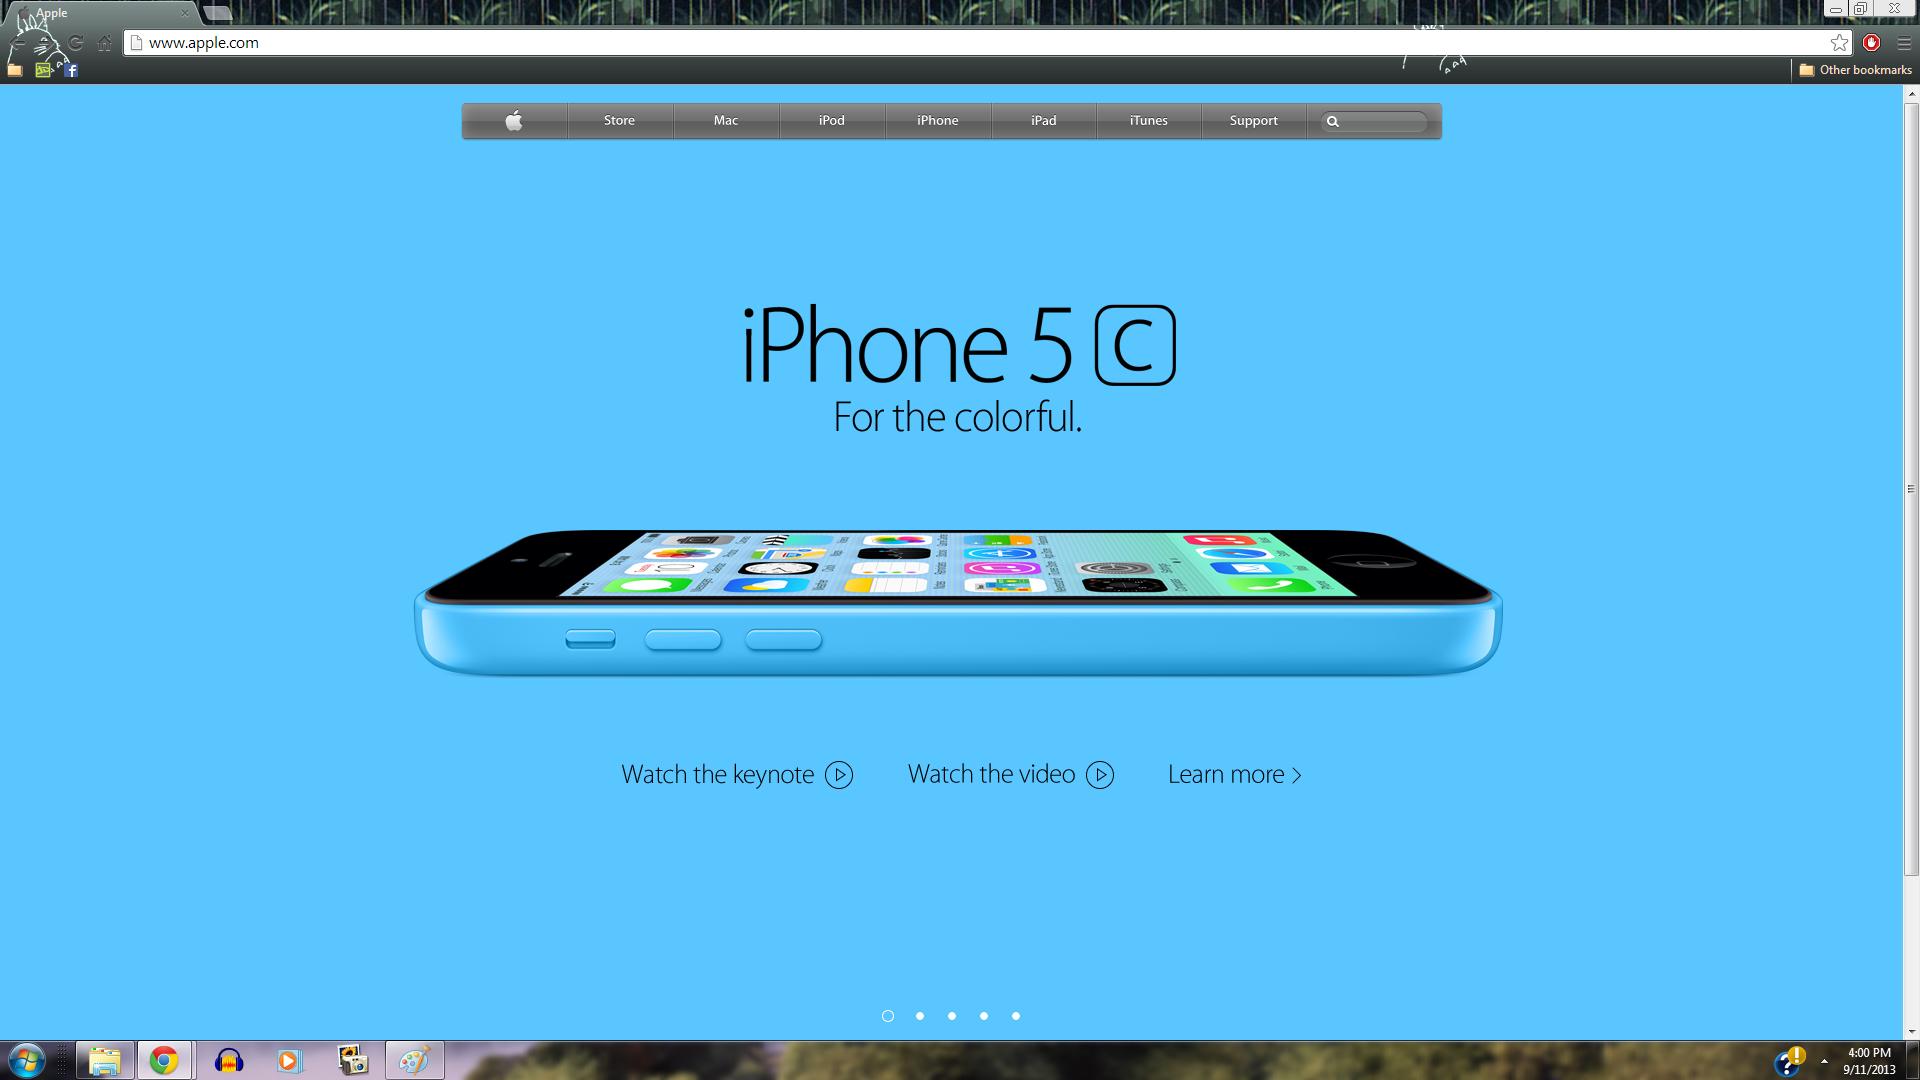 Iphone 5c Blue 林檎 アップル Homepage Iphone 写真 35572032